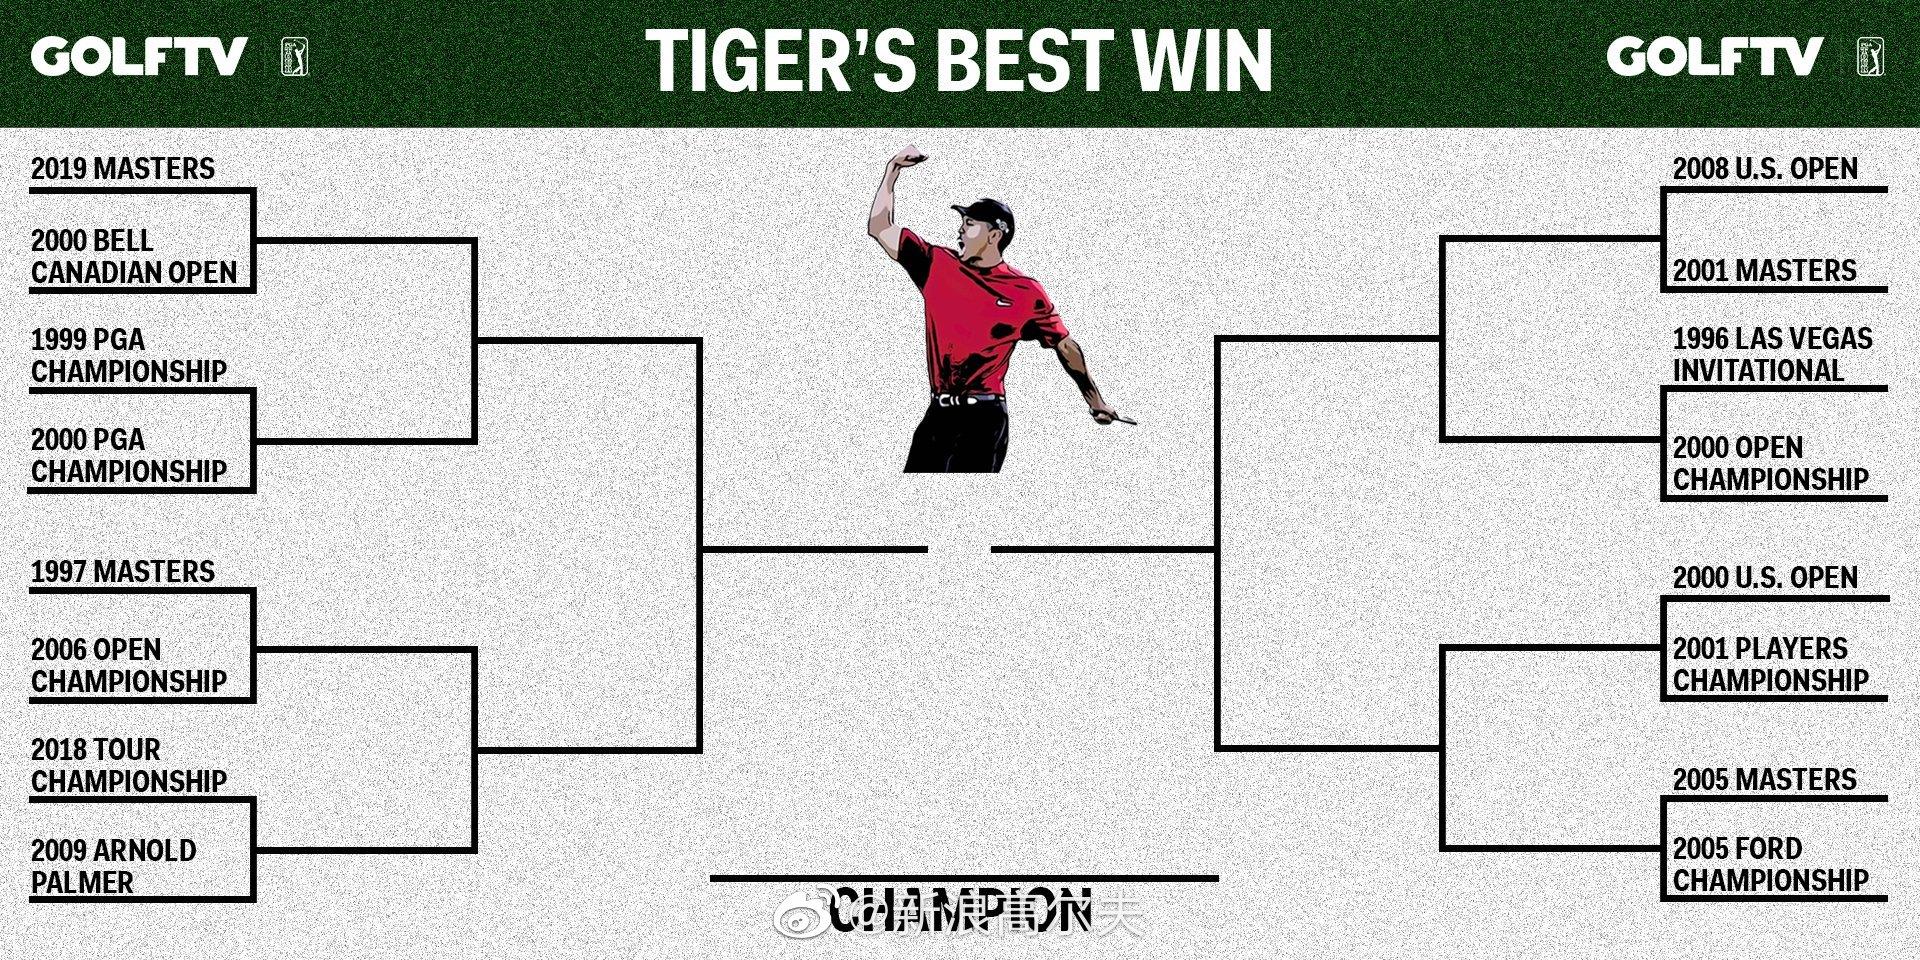 经国外网友投票,伍兹16冠对决结果出炉,最终2019年美国大师赛获胜